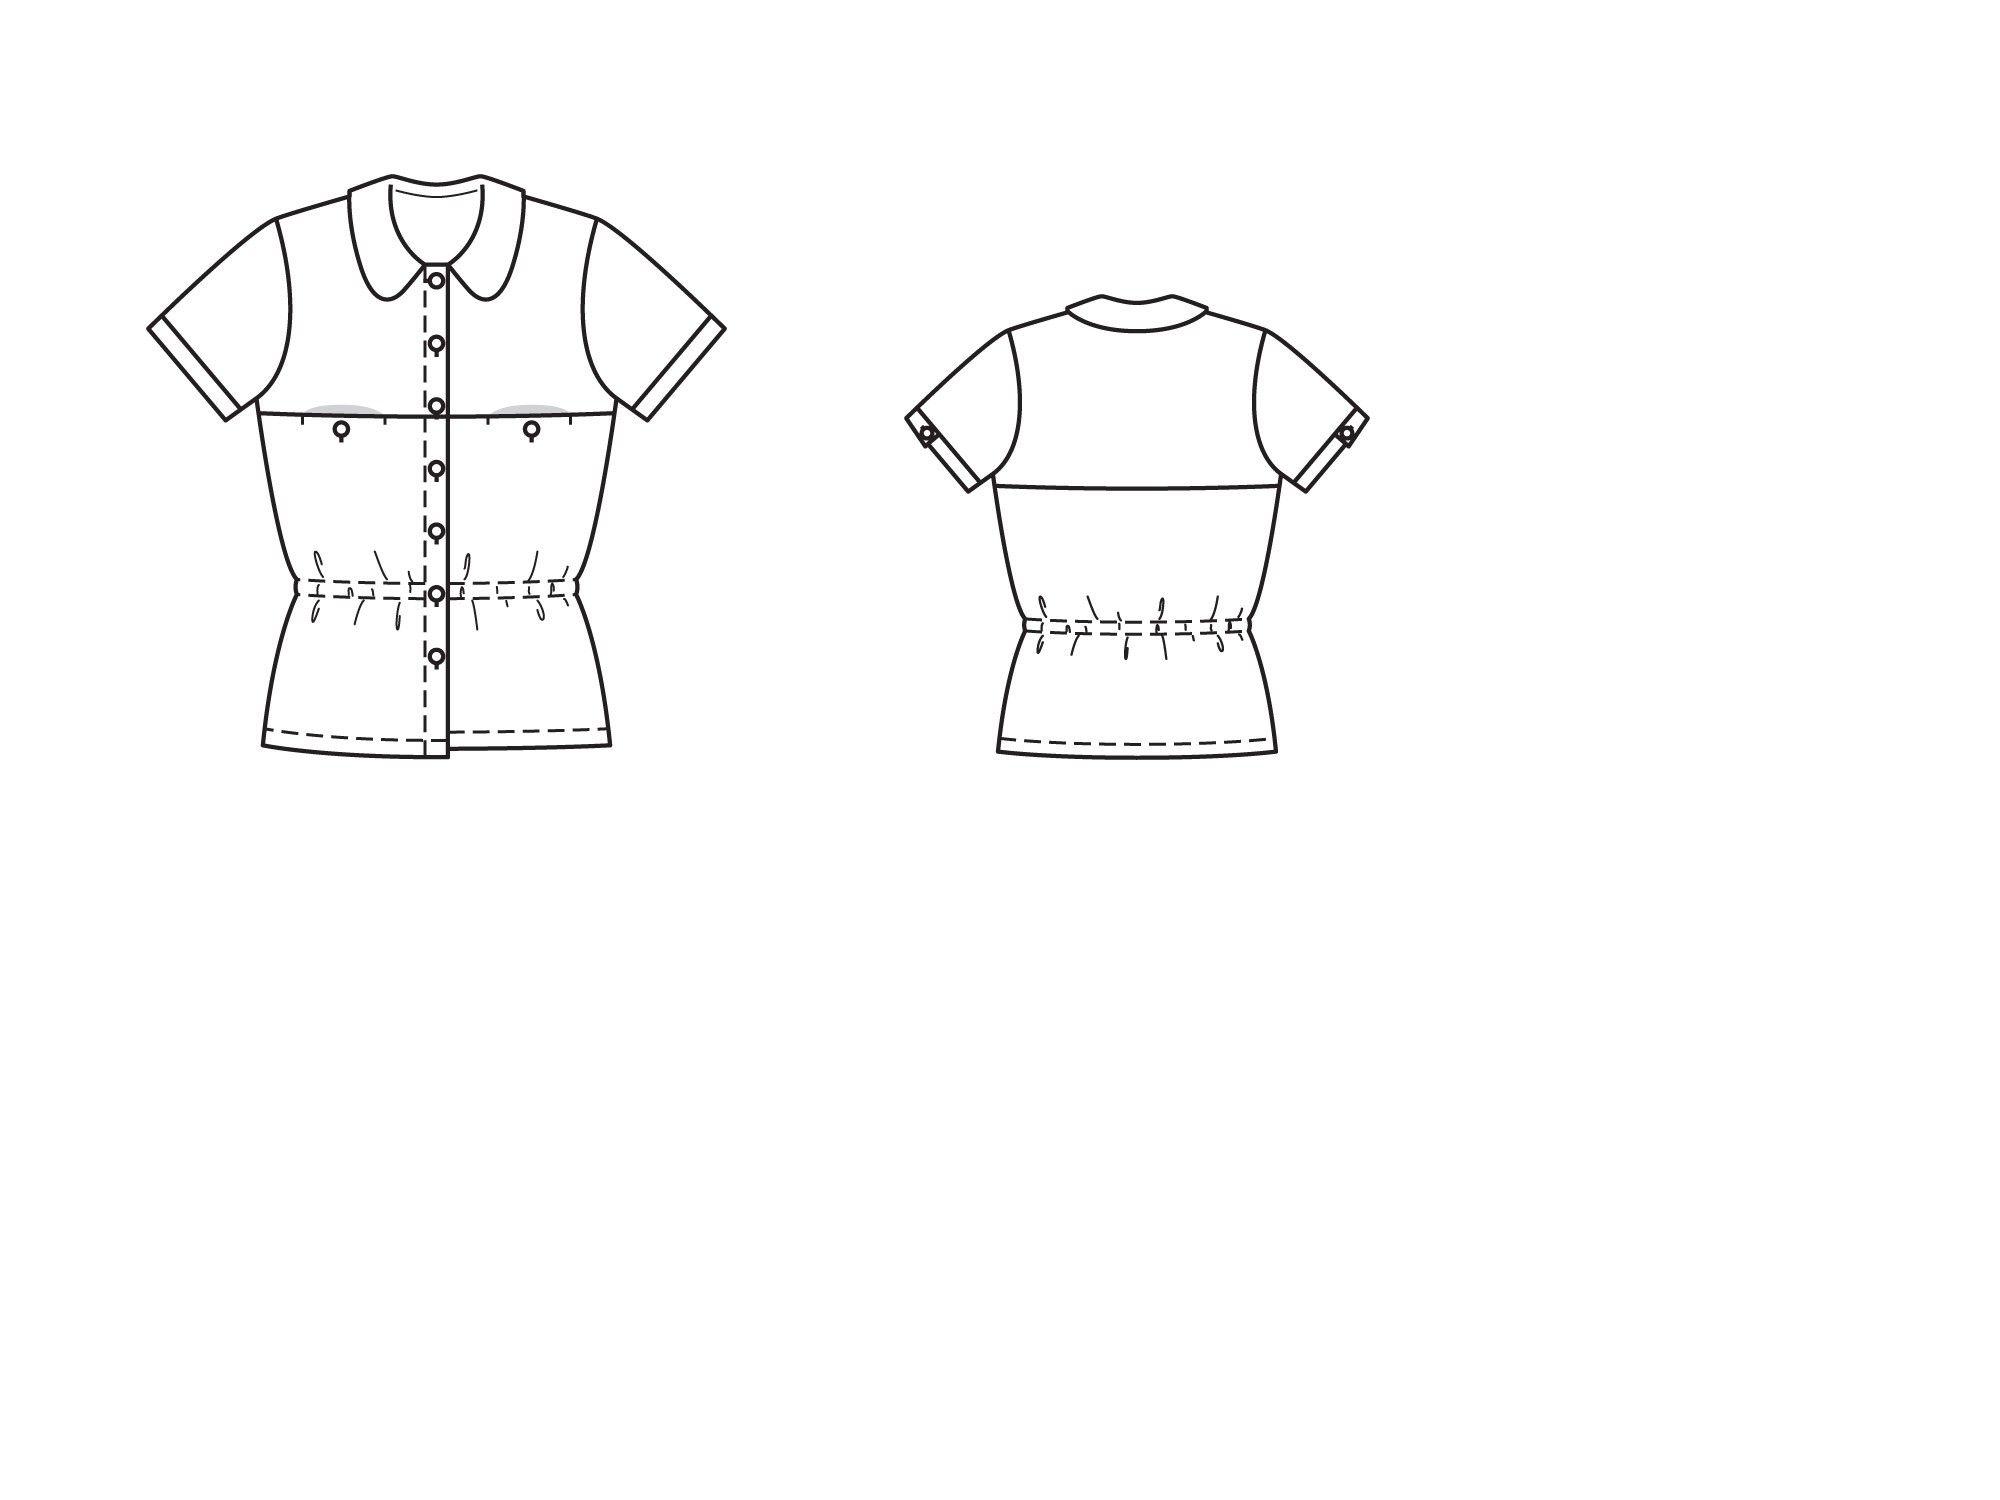 Bluzka prostą sylwetkę - numer wzorca 109 Magazine 6/2015 Burda - wzory na bluzki Burdastyle.ru